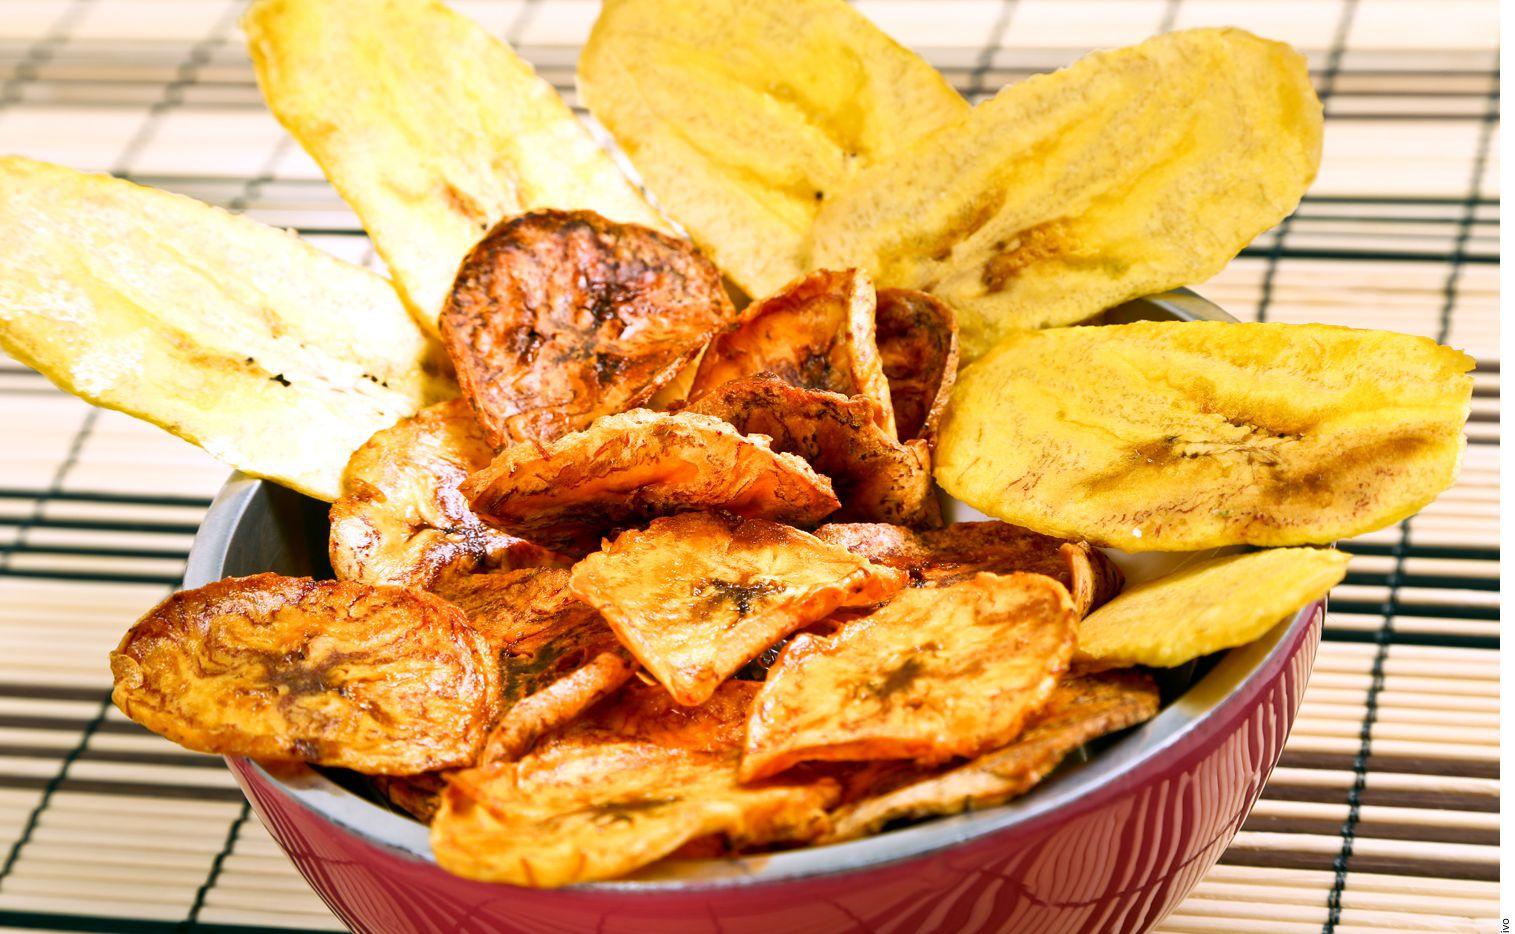 Algunas opciones son la manzana deshidratada, la cual, como postre, lunch o bocadillo, aporta sólo 140 calorías por cada 40 gramos. AGENCIA REFORMA